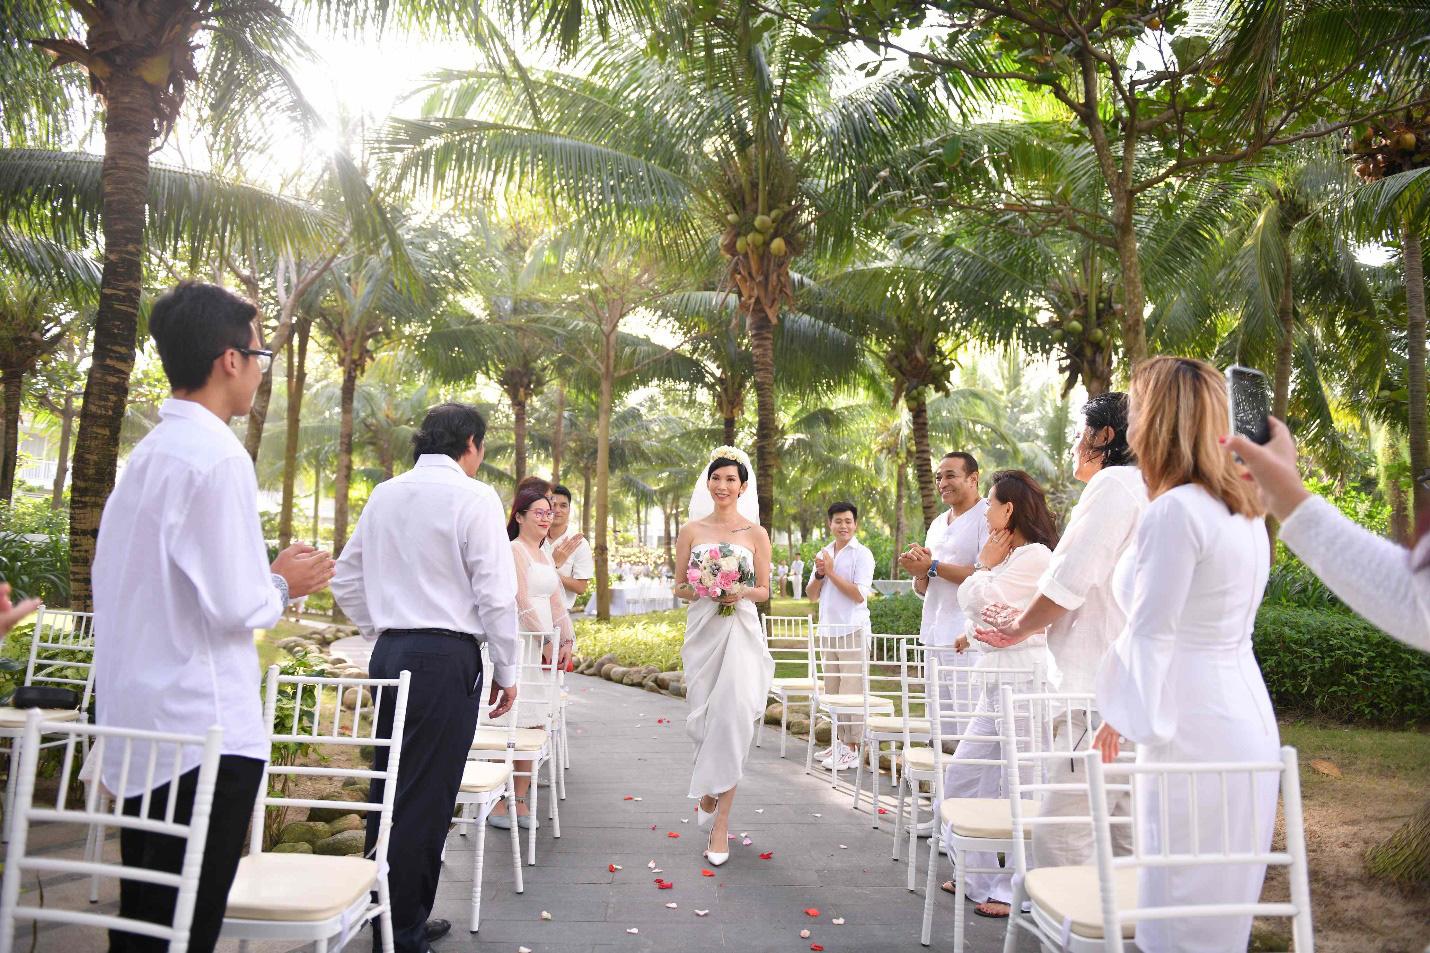 Siêu mẫu Xuân Lan làm đám cưới bí mật tại resort sang trọng hàng đầu thế giới dành cho gia đình - Ảnh 4.